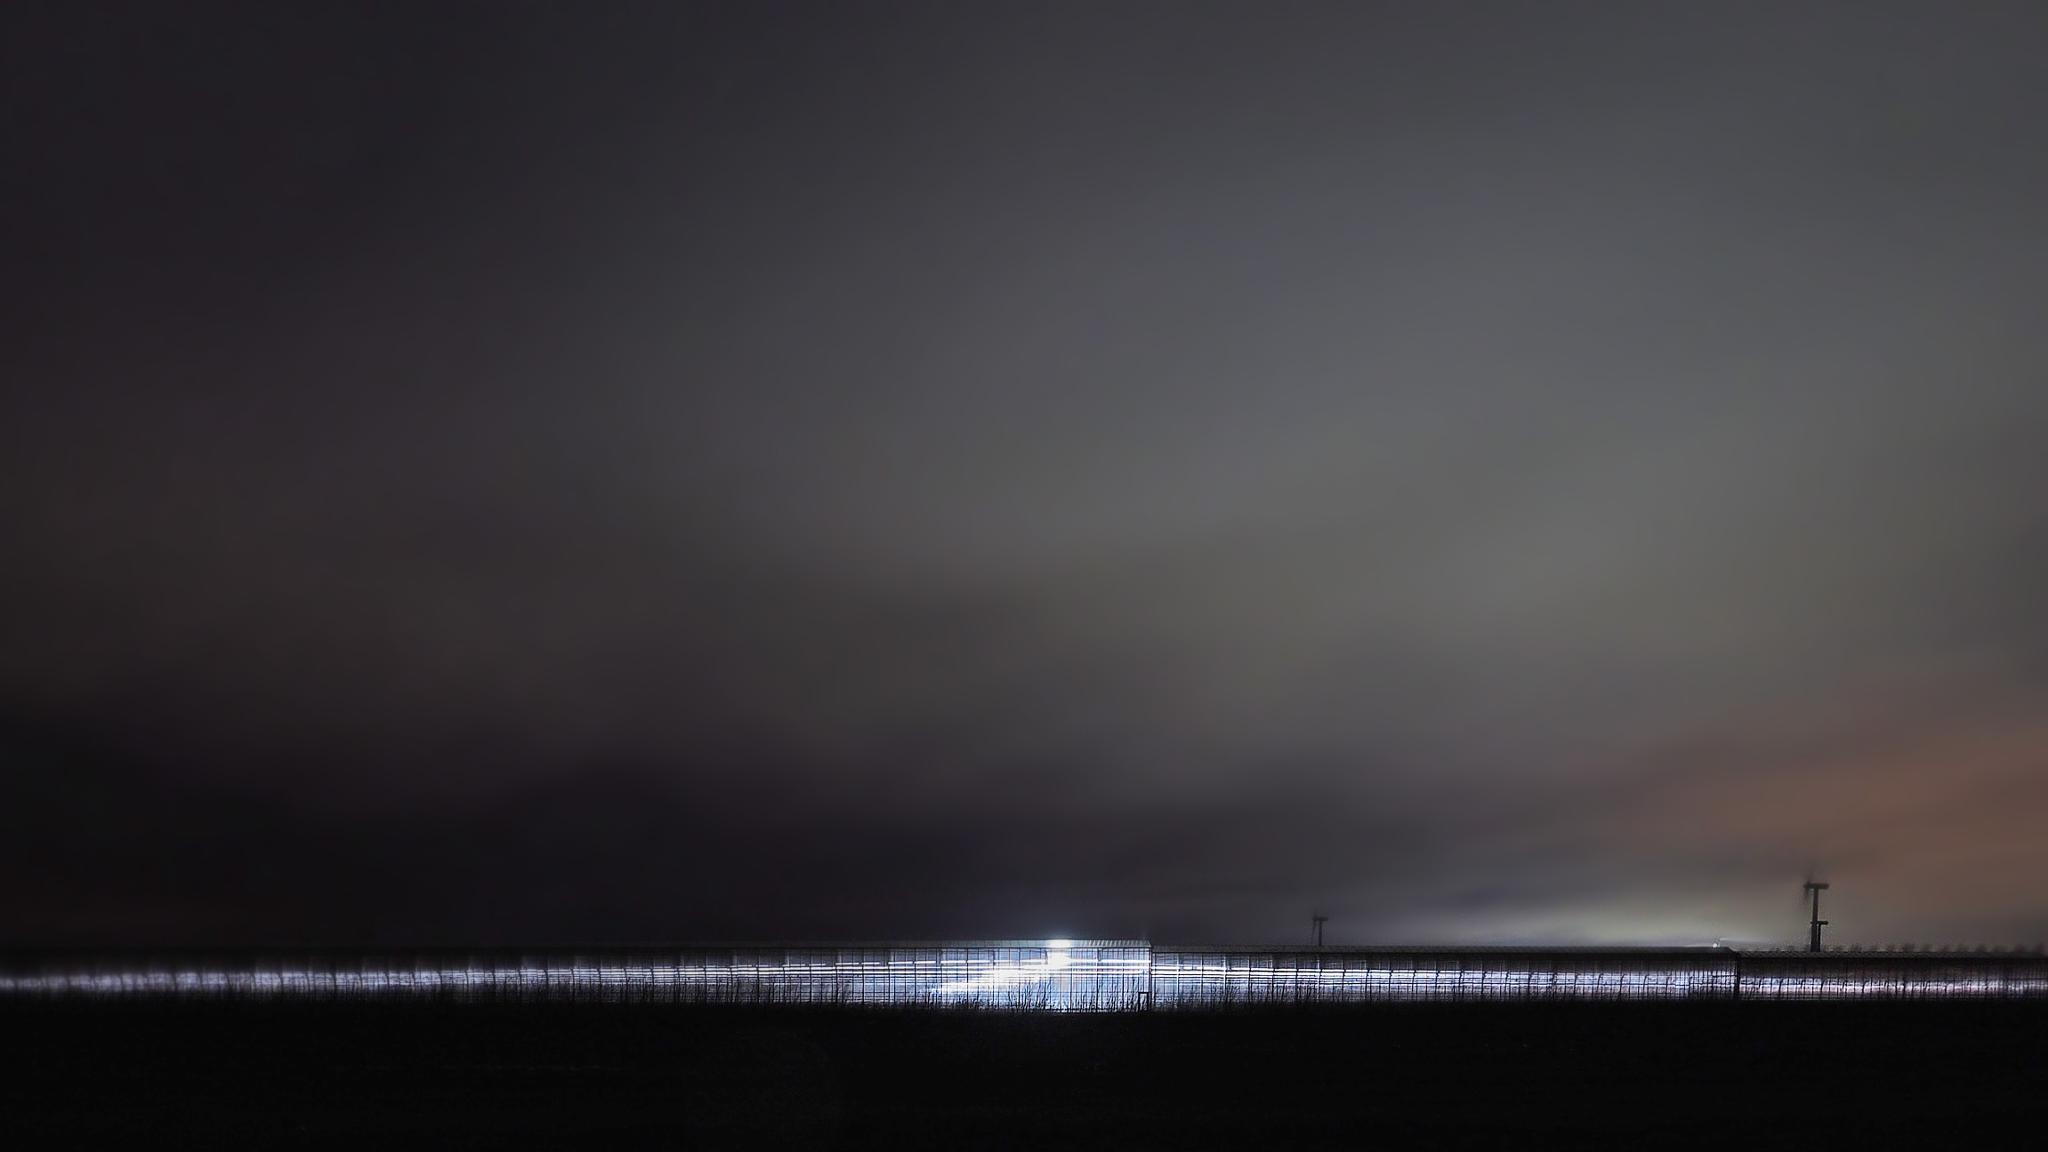 The Greenhouse Effect by Koos Fernhout